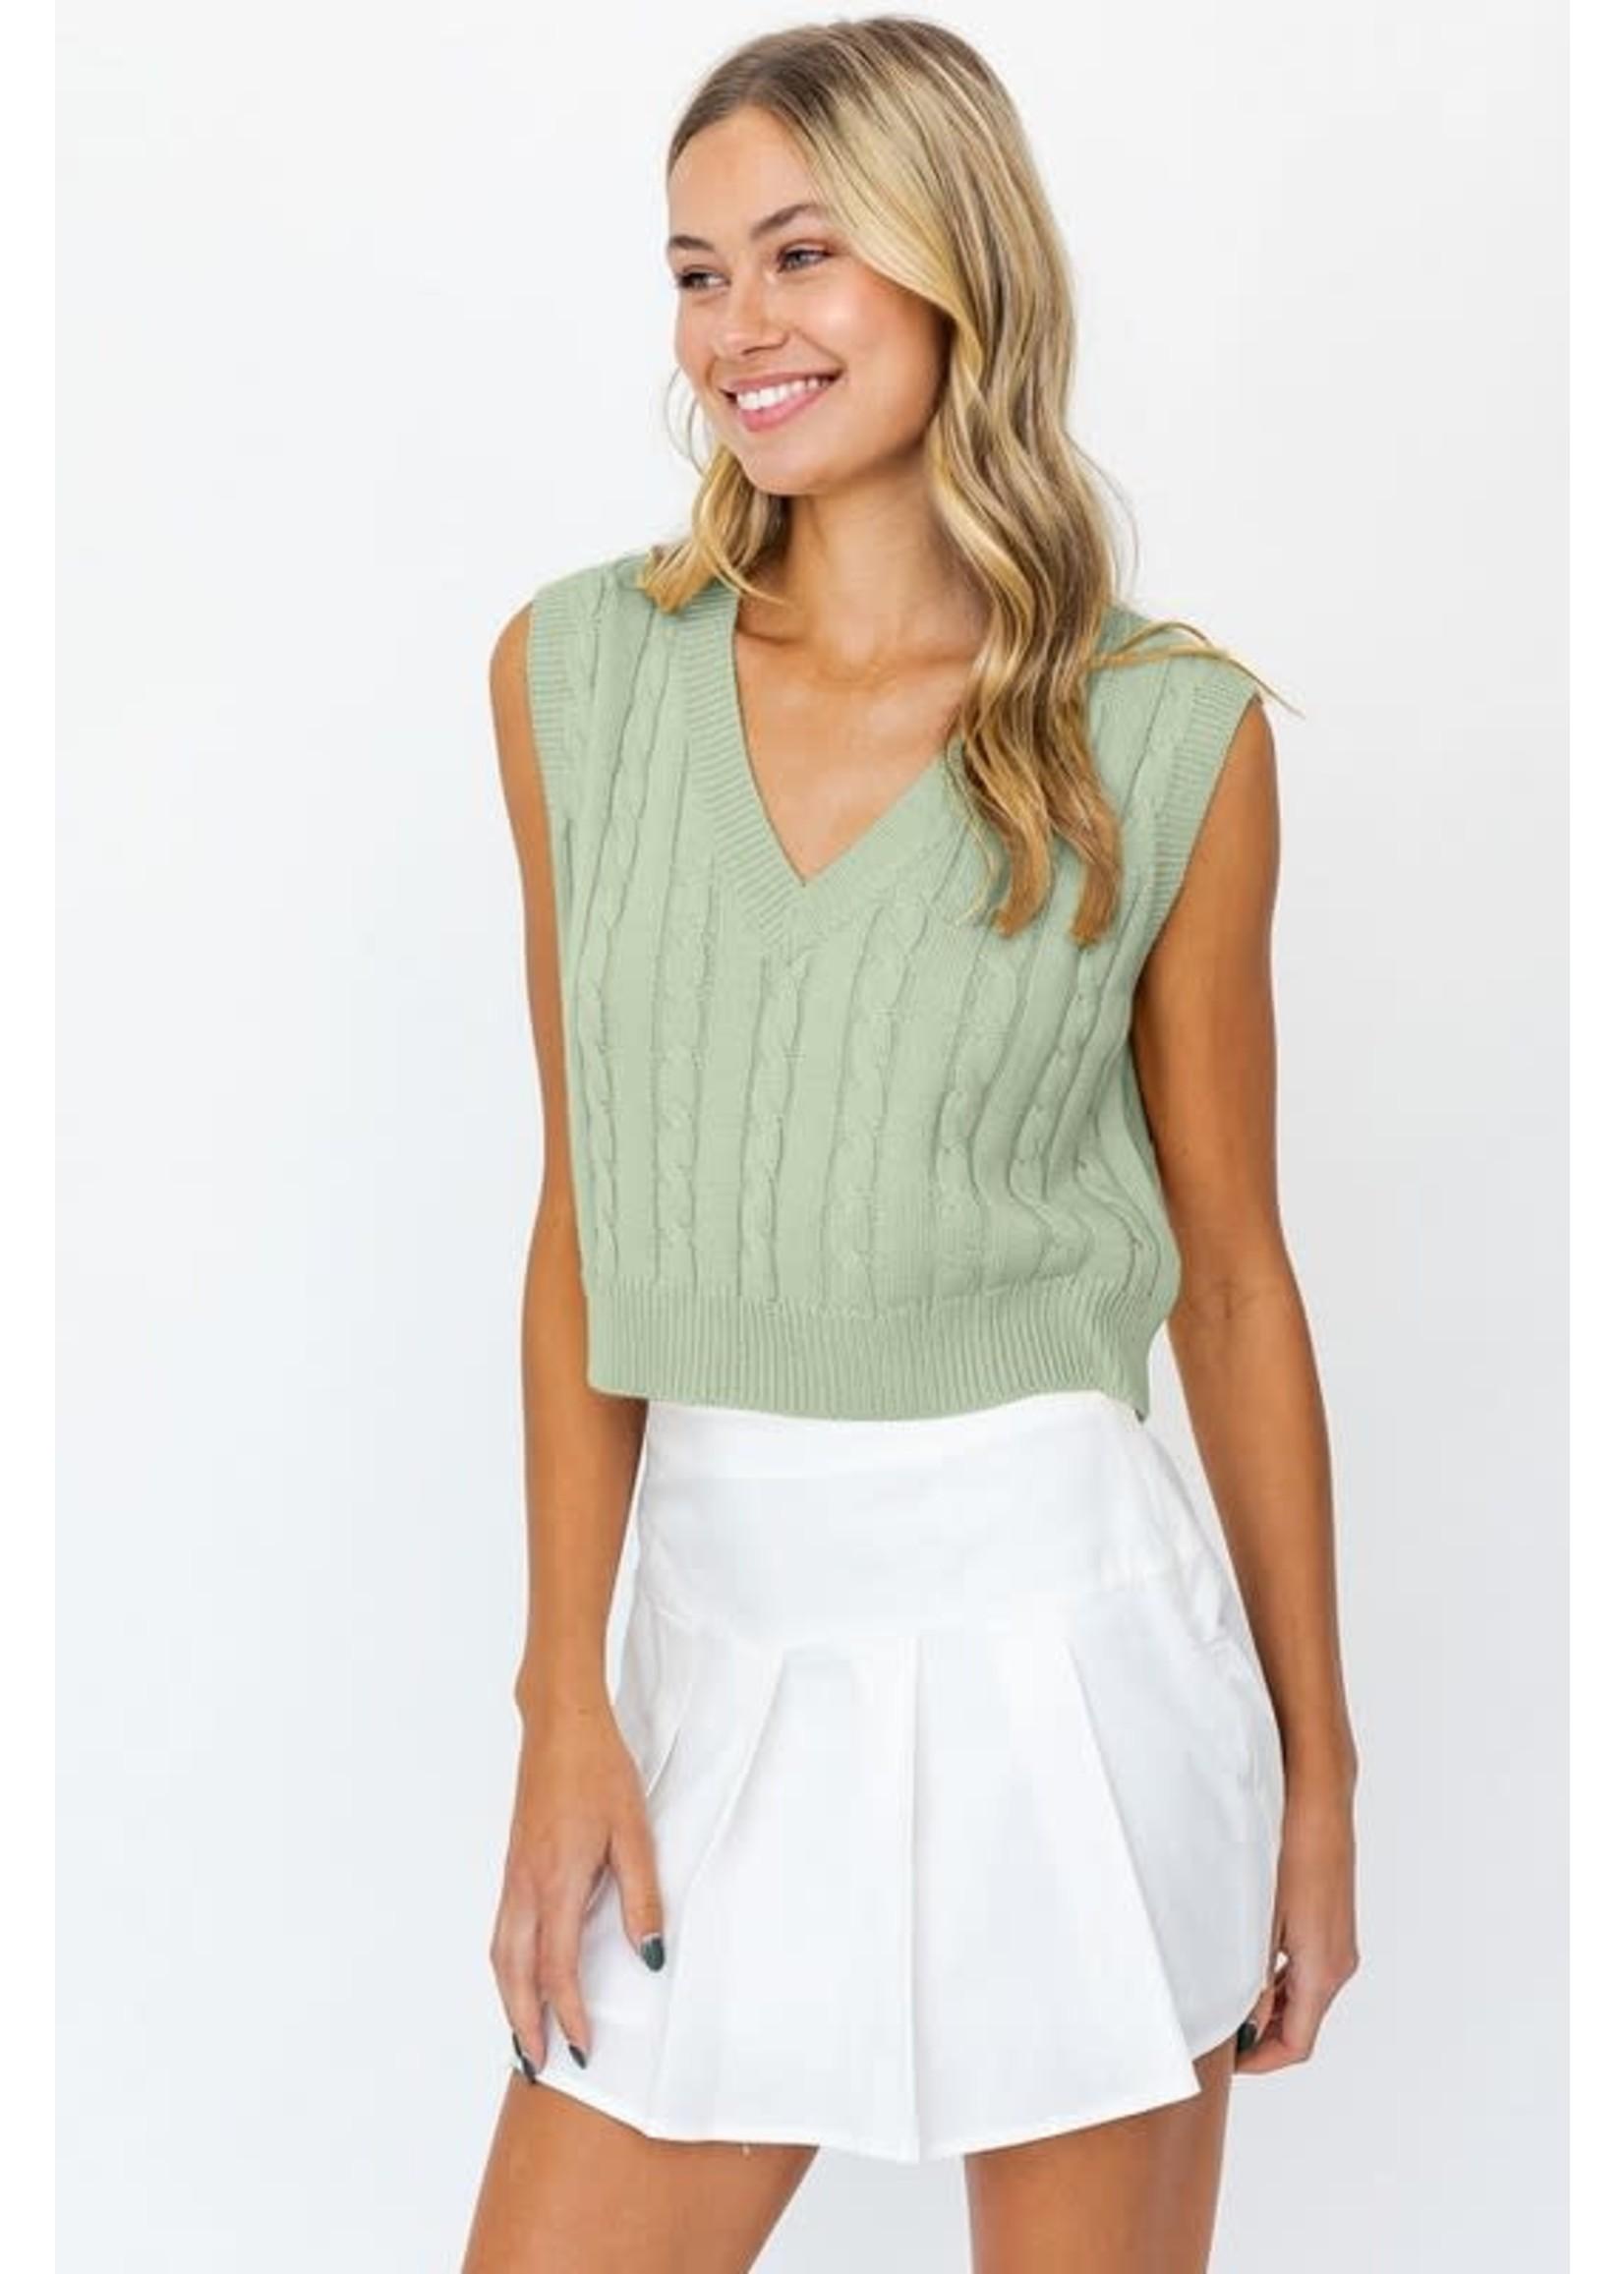 Le Lis V-Neck Cable Knit Sweater Vest - SWT6496